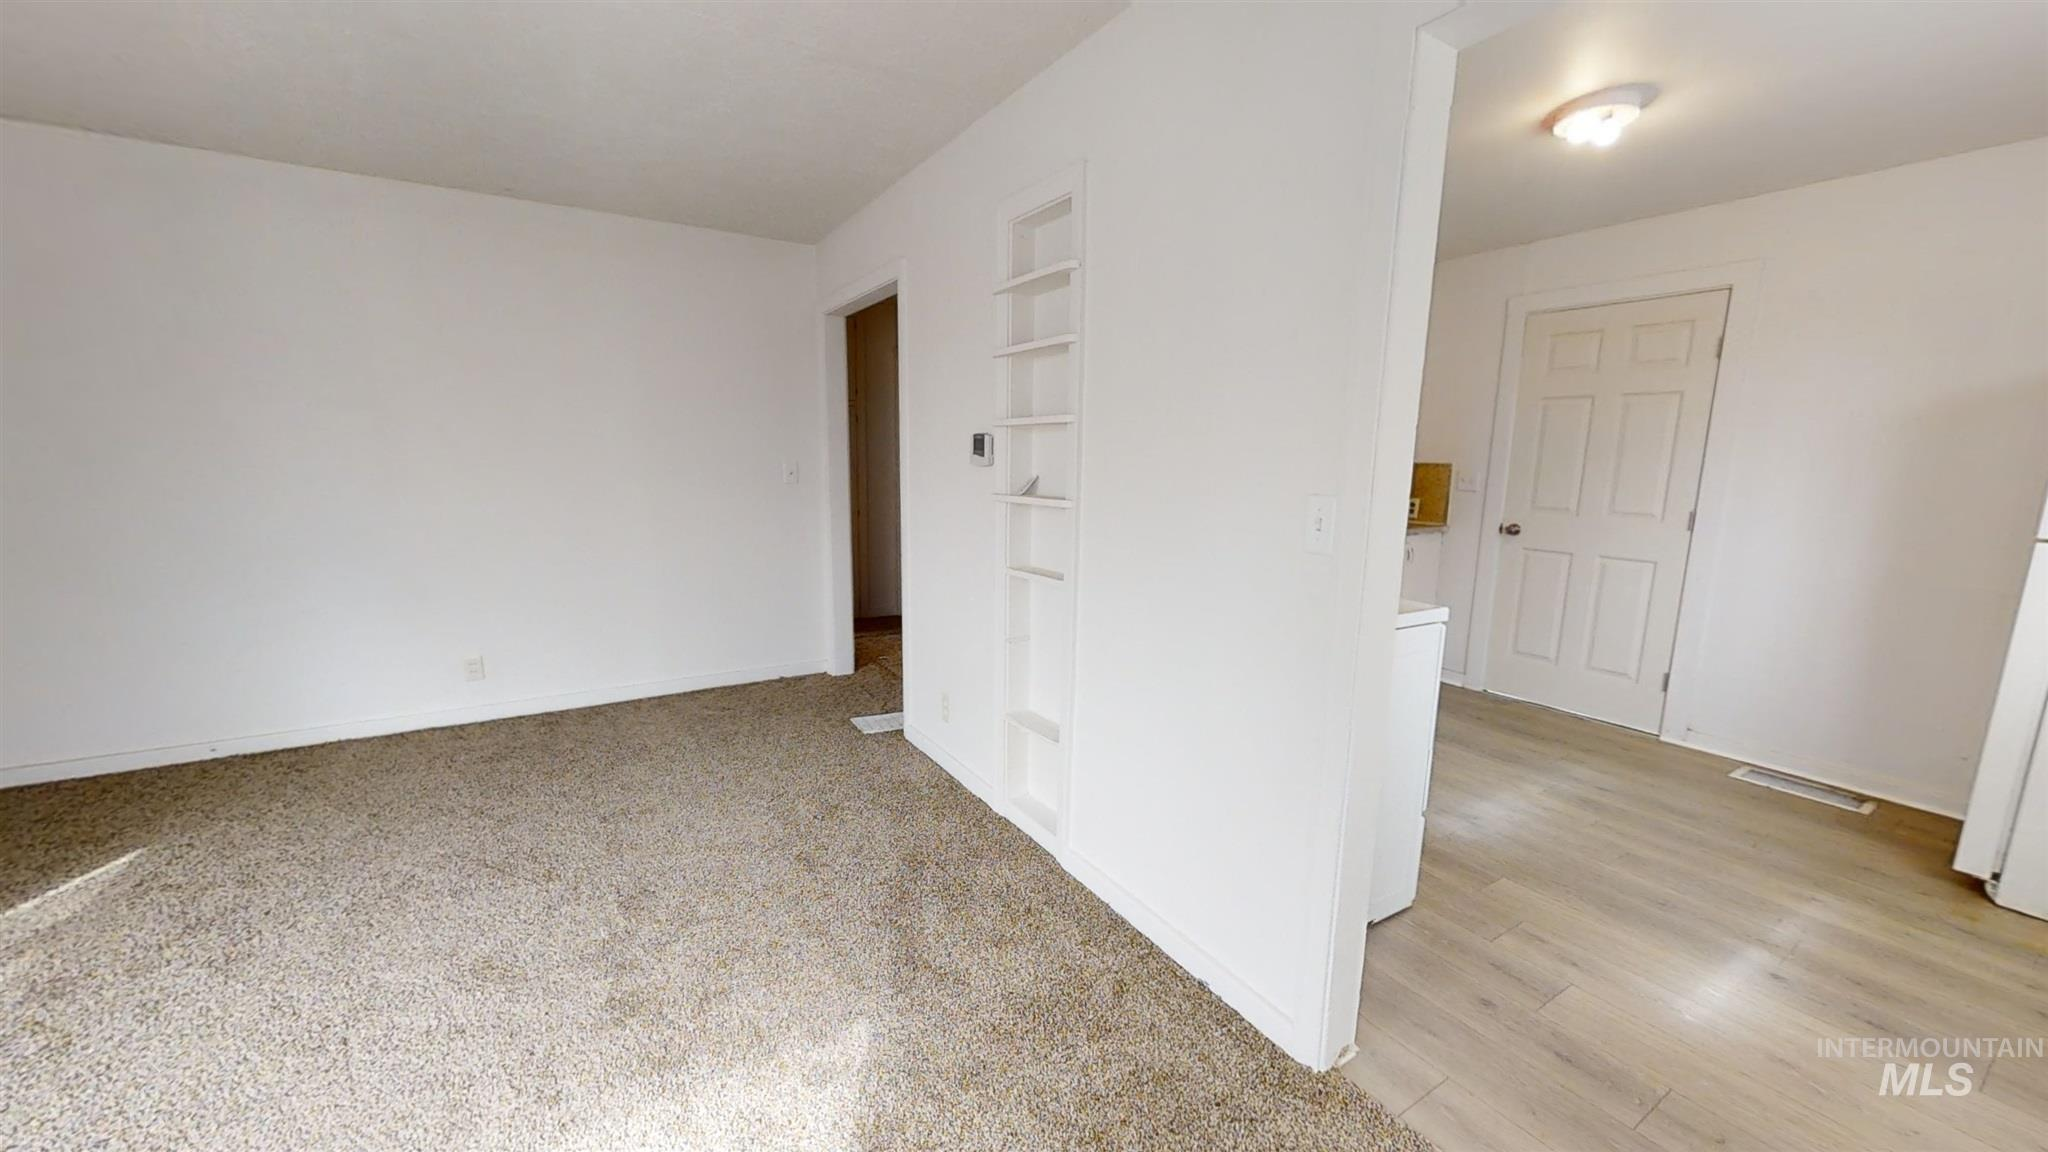 697 S Stout Property Photo 17